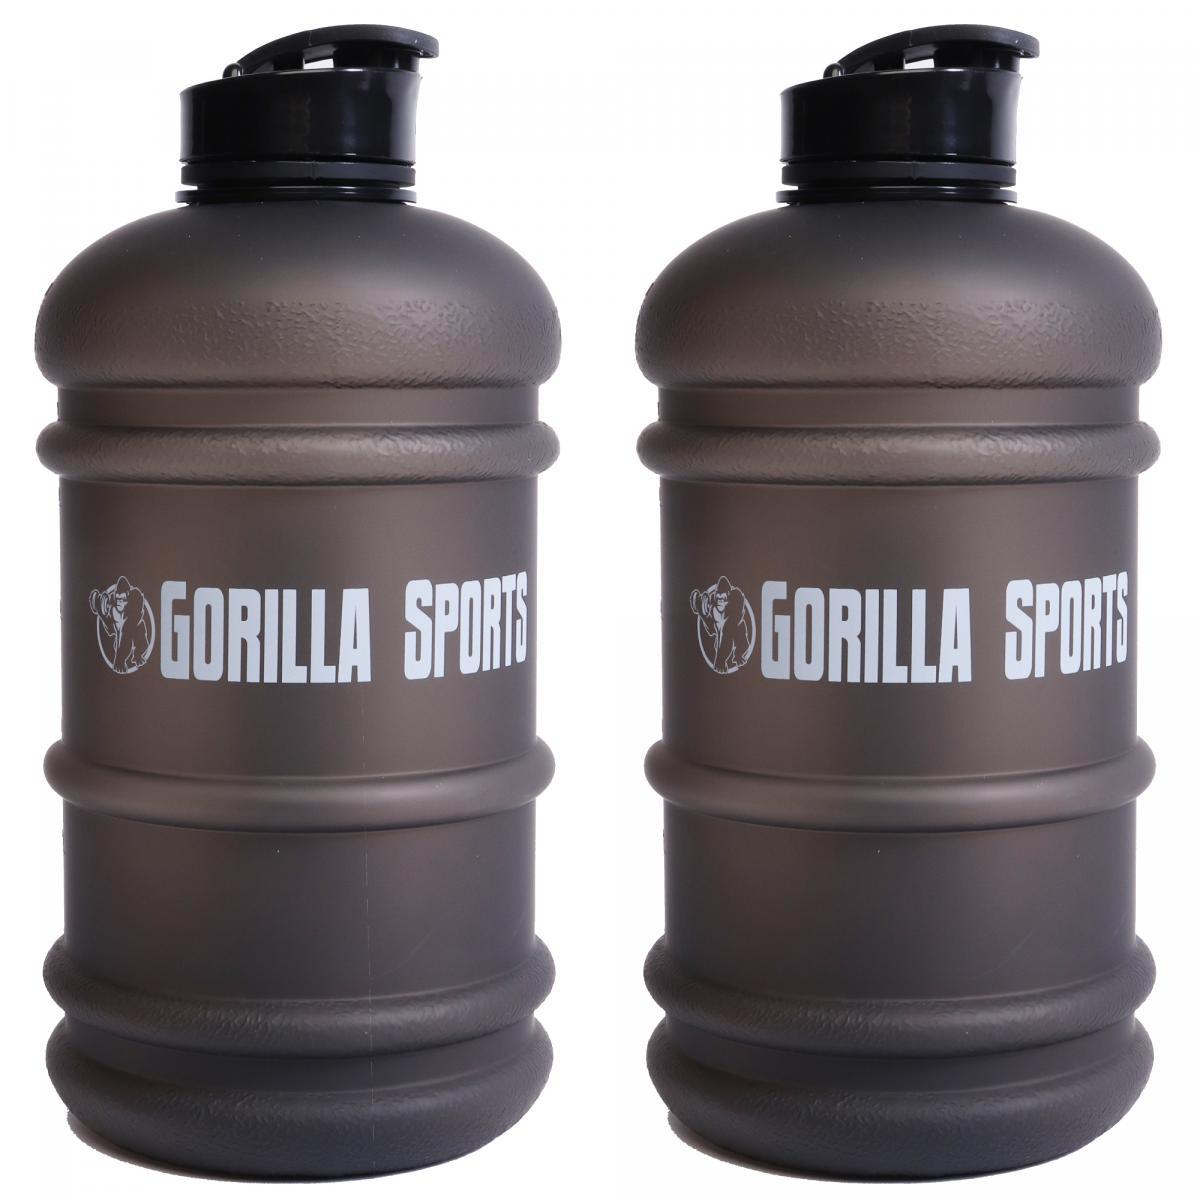 Gorilla Sports 2er Set Trinkflasche Gallone 2,2 L Schwarz 101171-00019-0137